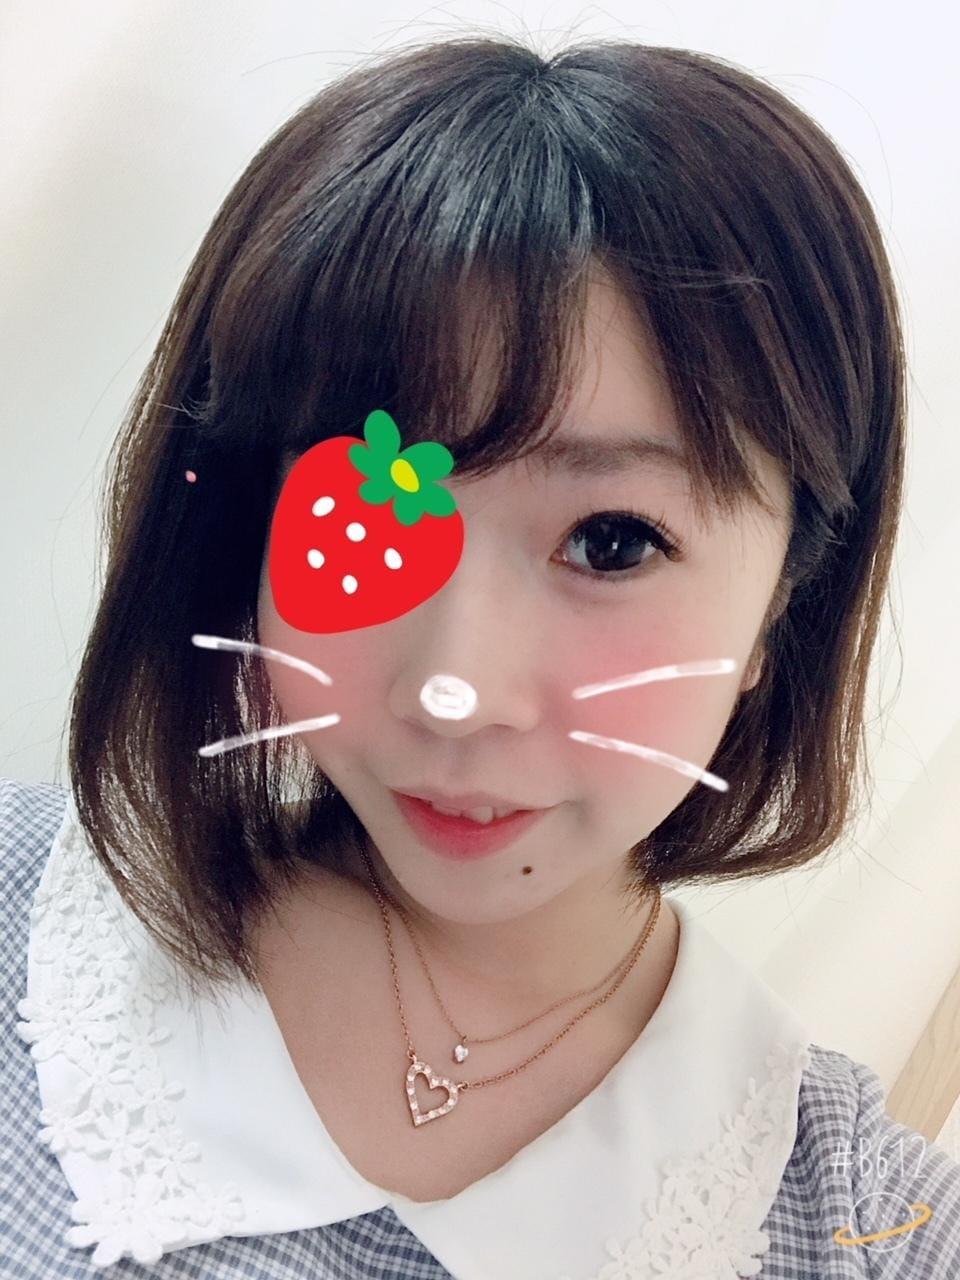 「出勤しまーす(^-^)/」07/21(土) 13:57   さくらの写メ・風俗動画